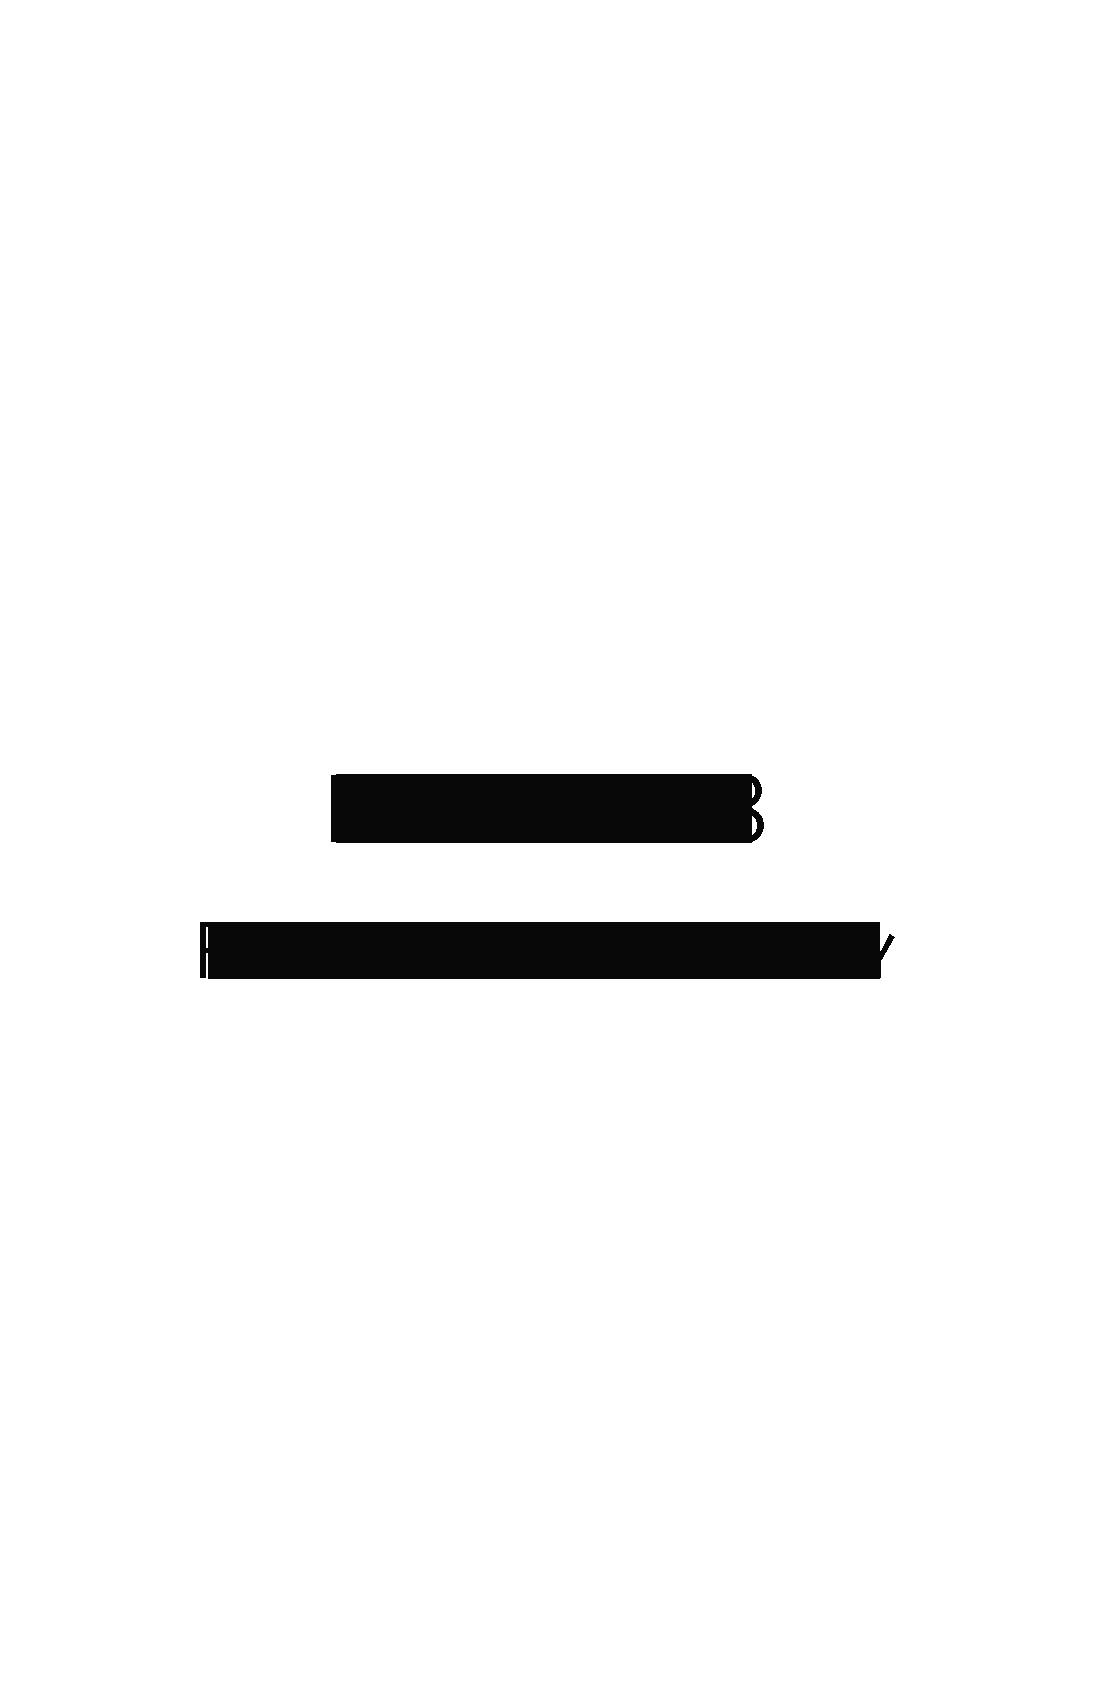 Pixel8 - logo